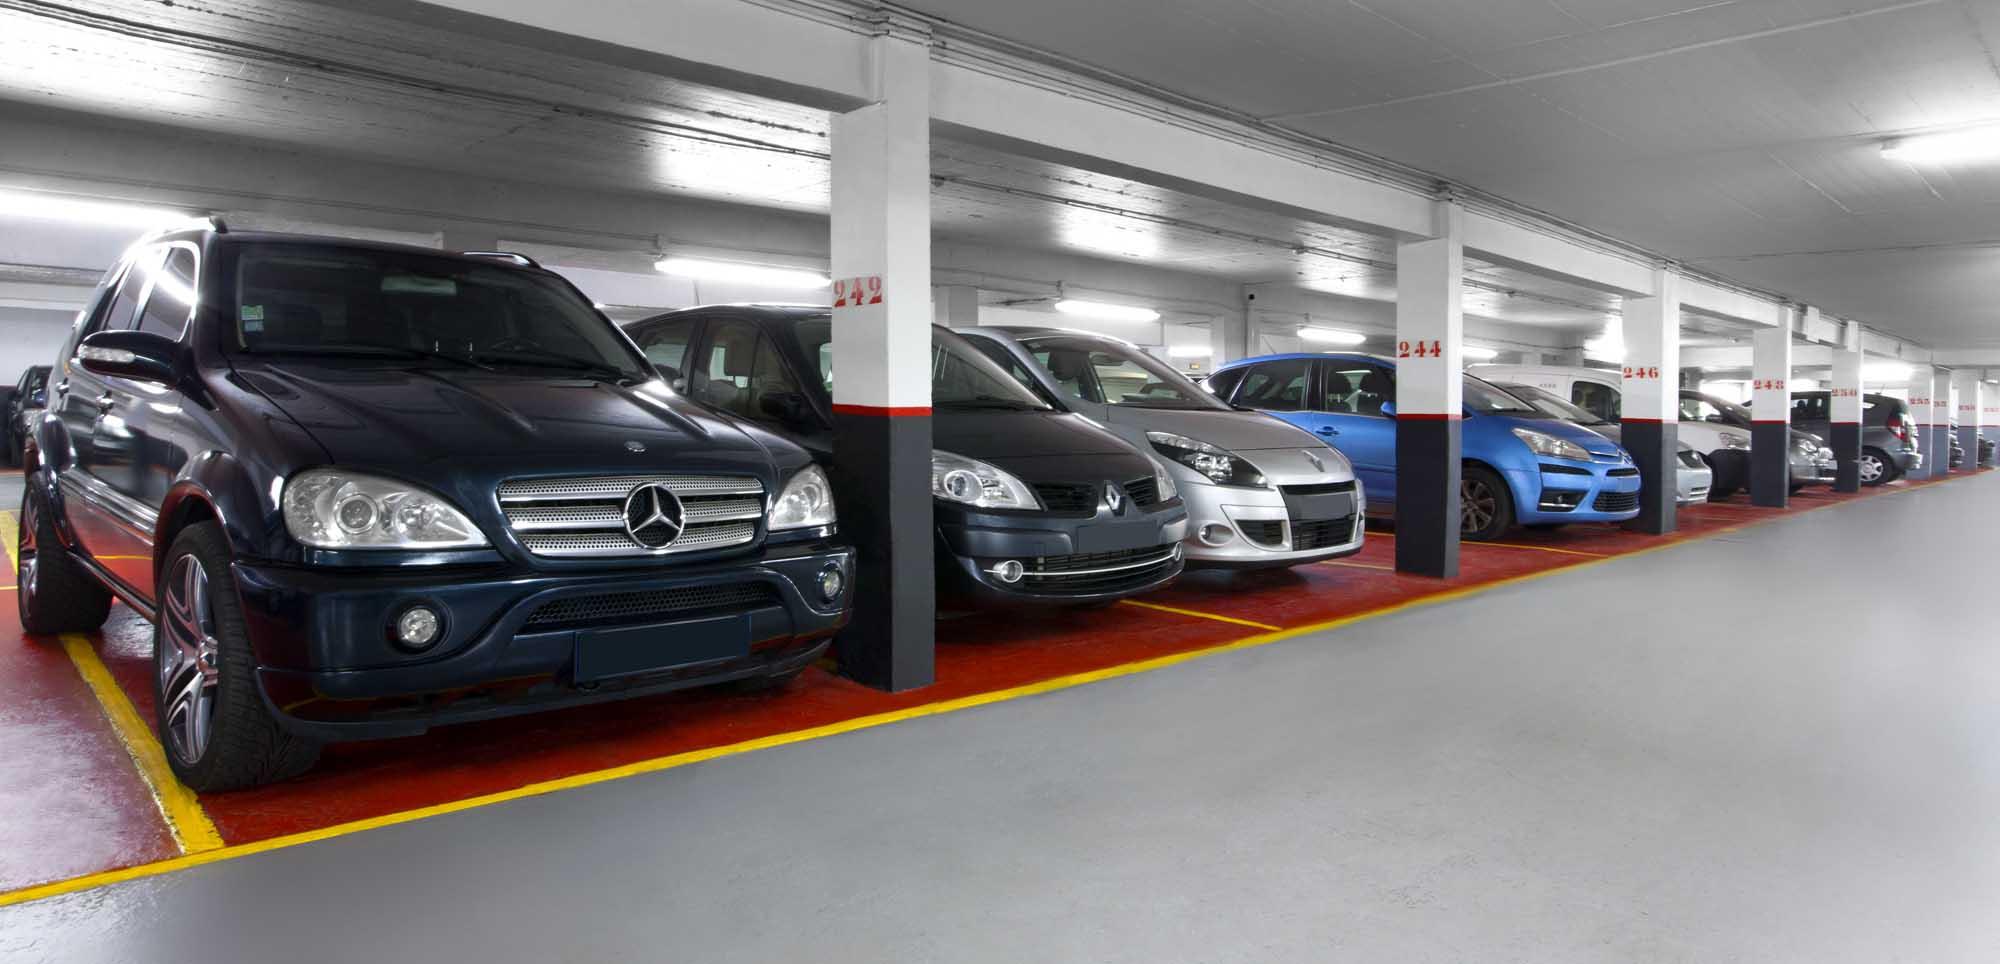 Location parking Nantes : beaucoup de voitures